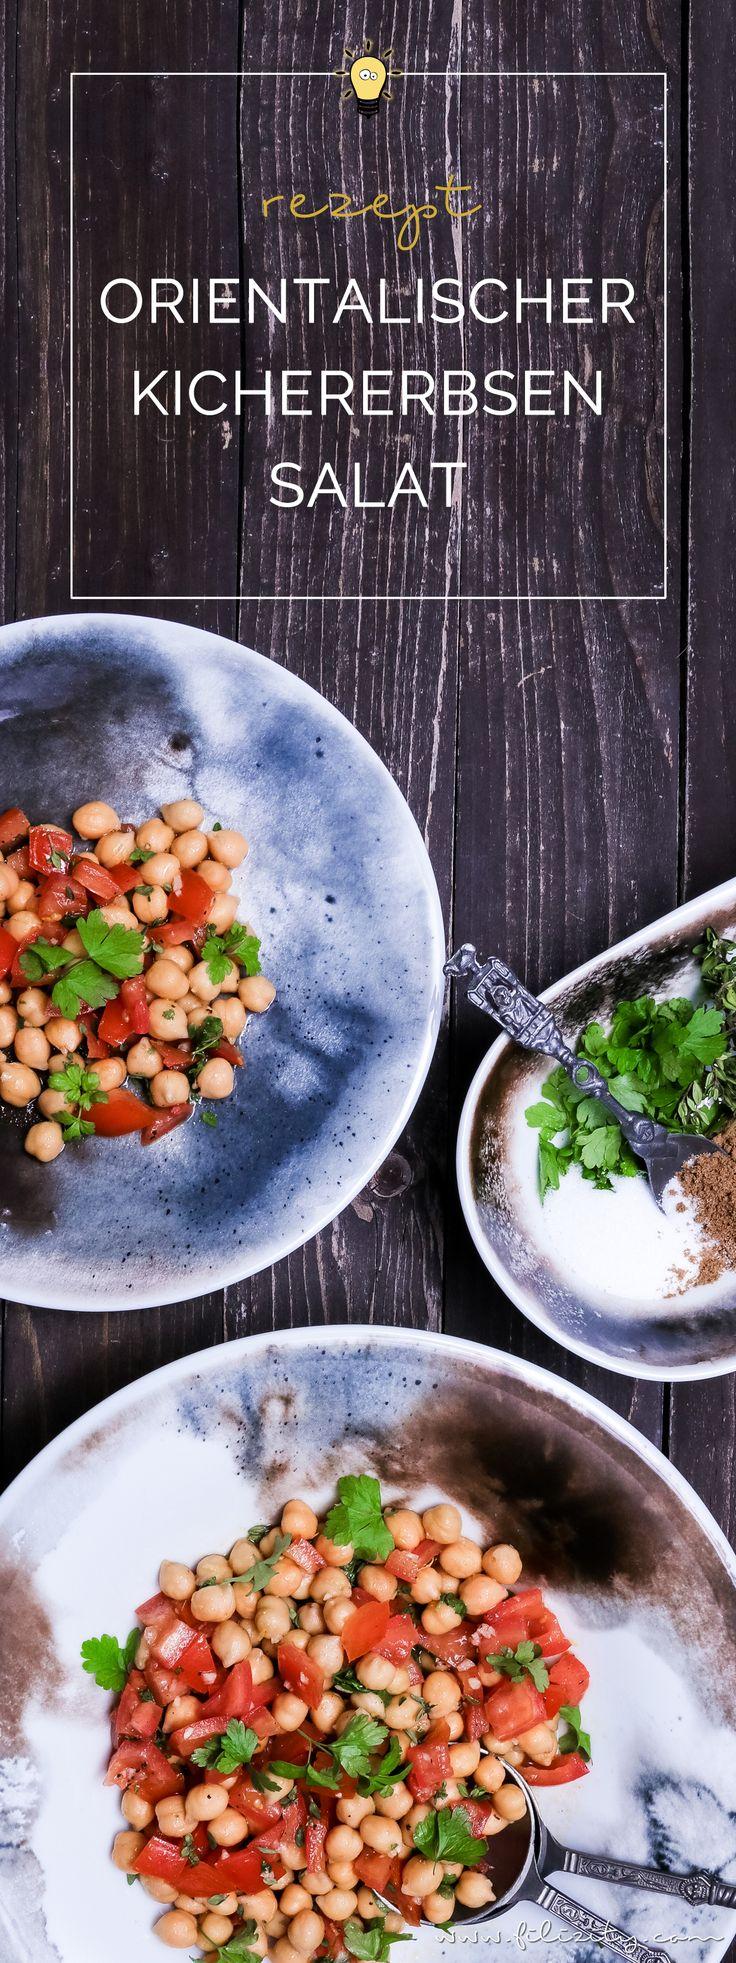 Mezze-Rezept: Orientalischer Kichererbsen-Salat | schnell, gesund, lecker und vegan | Filizity.com | Food-Blog aus dem Rheinland #mezze #salat #vegan